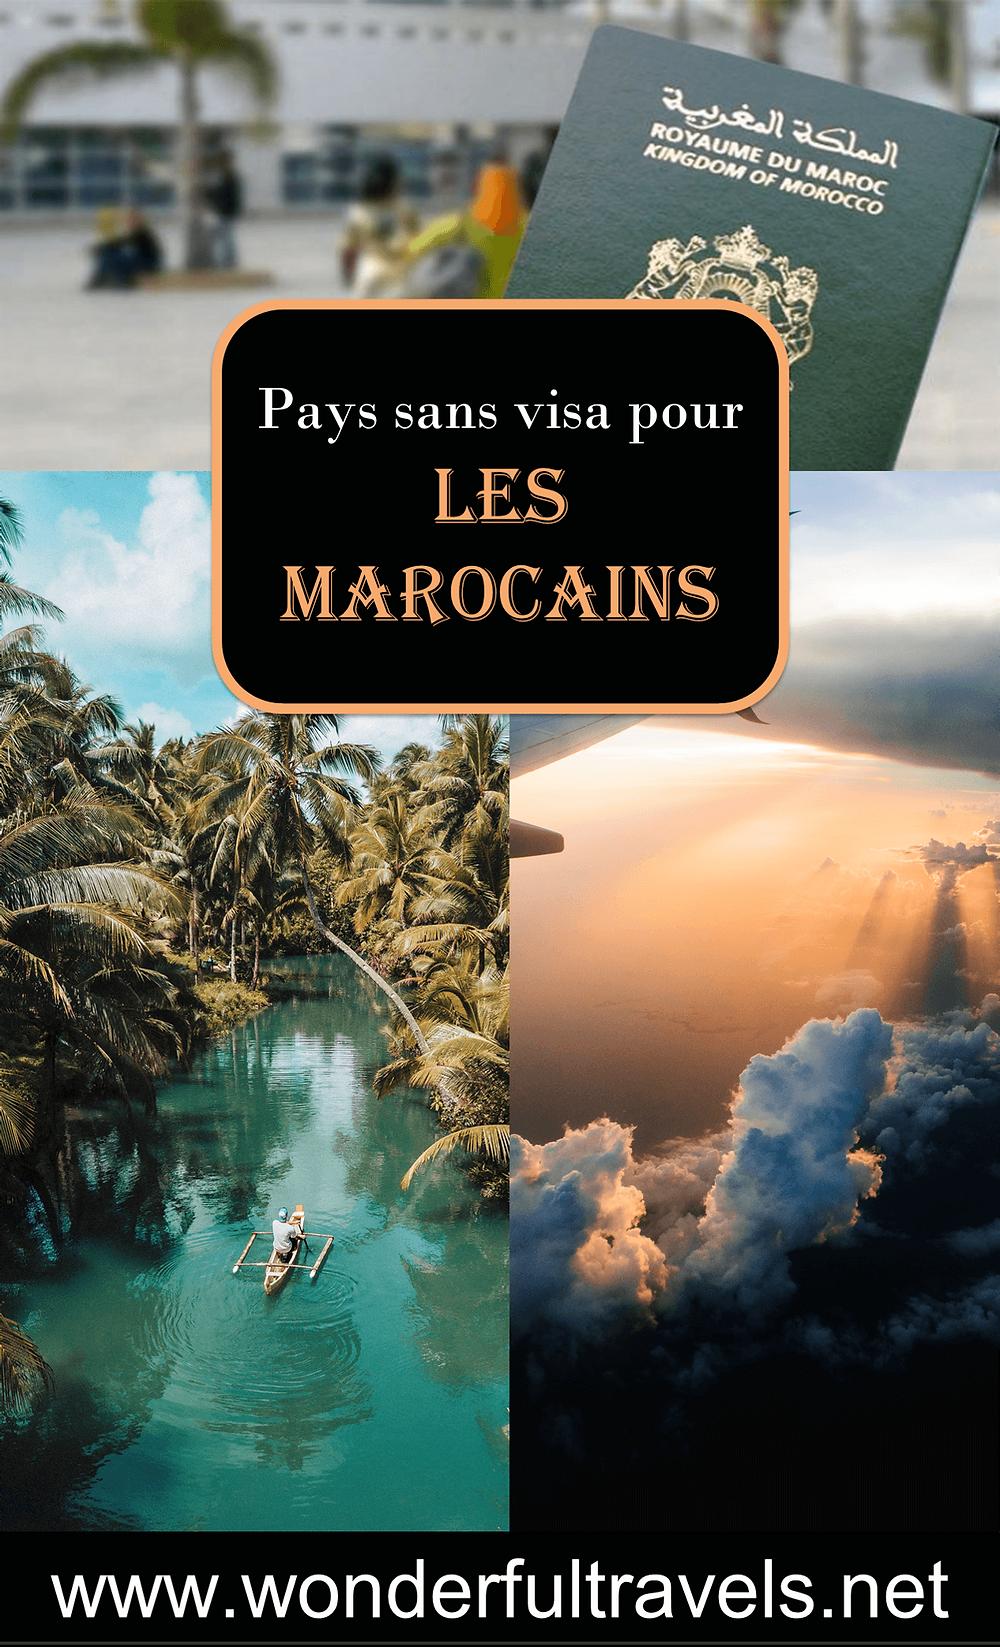 pays sans visa pour les marocains epingle blog voyage pinterest classement passeport marocain